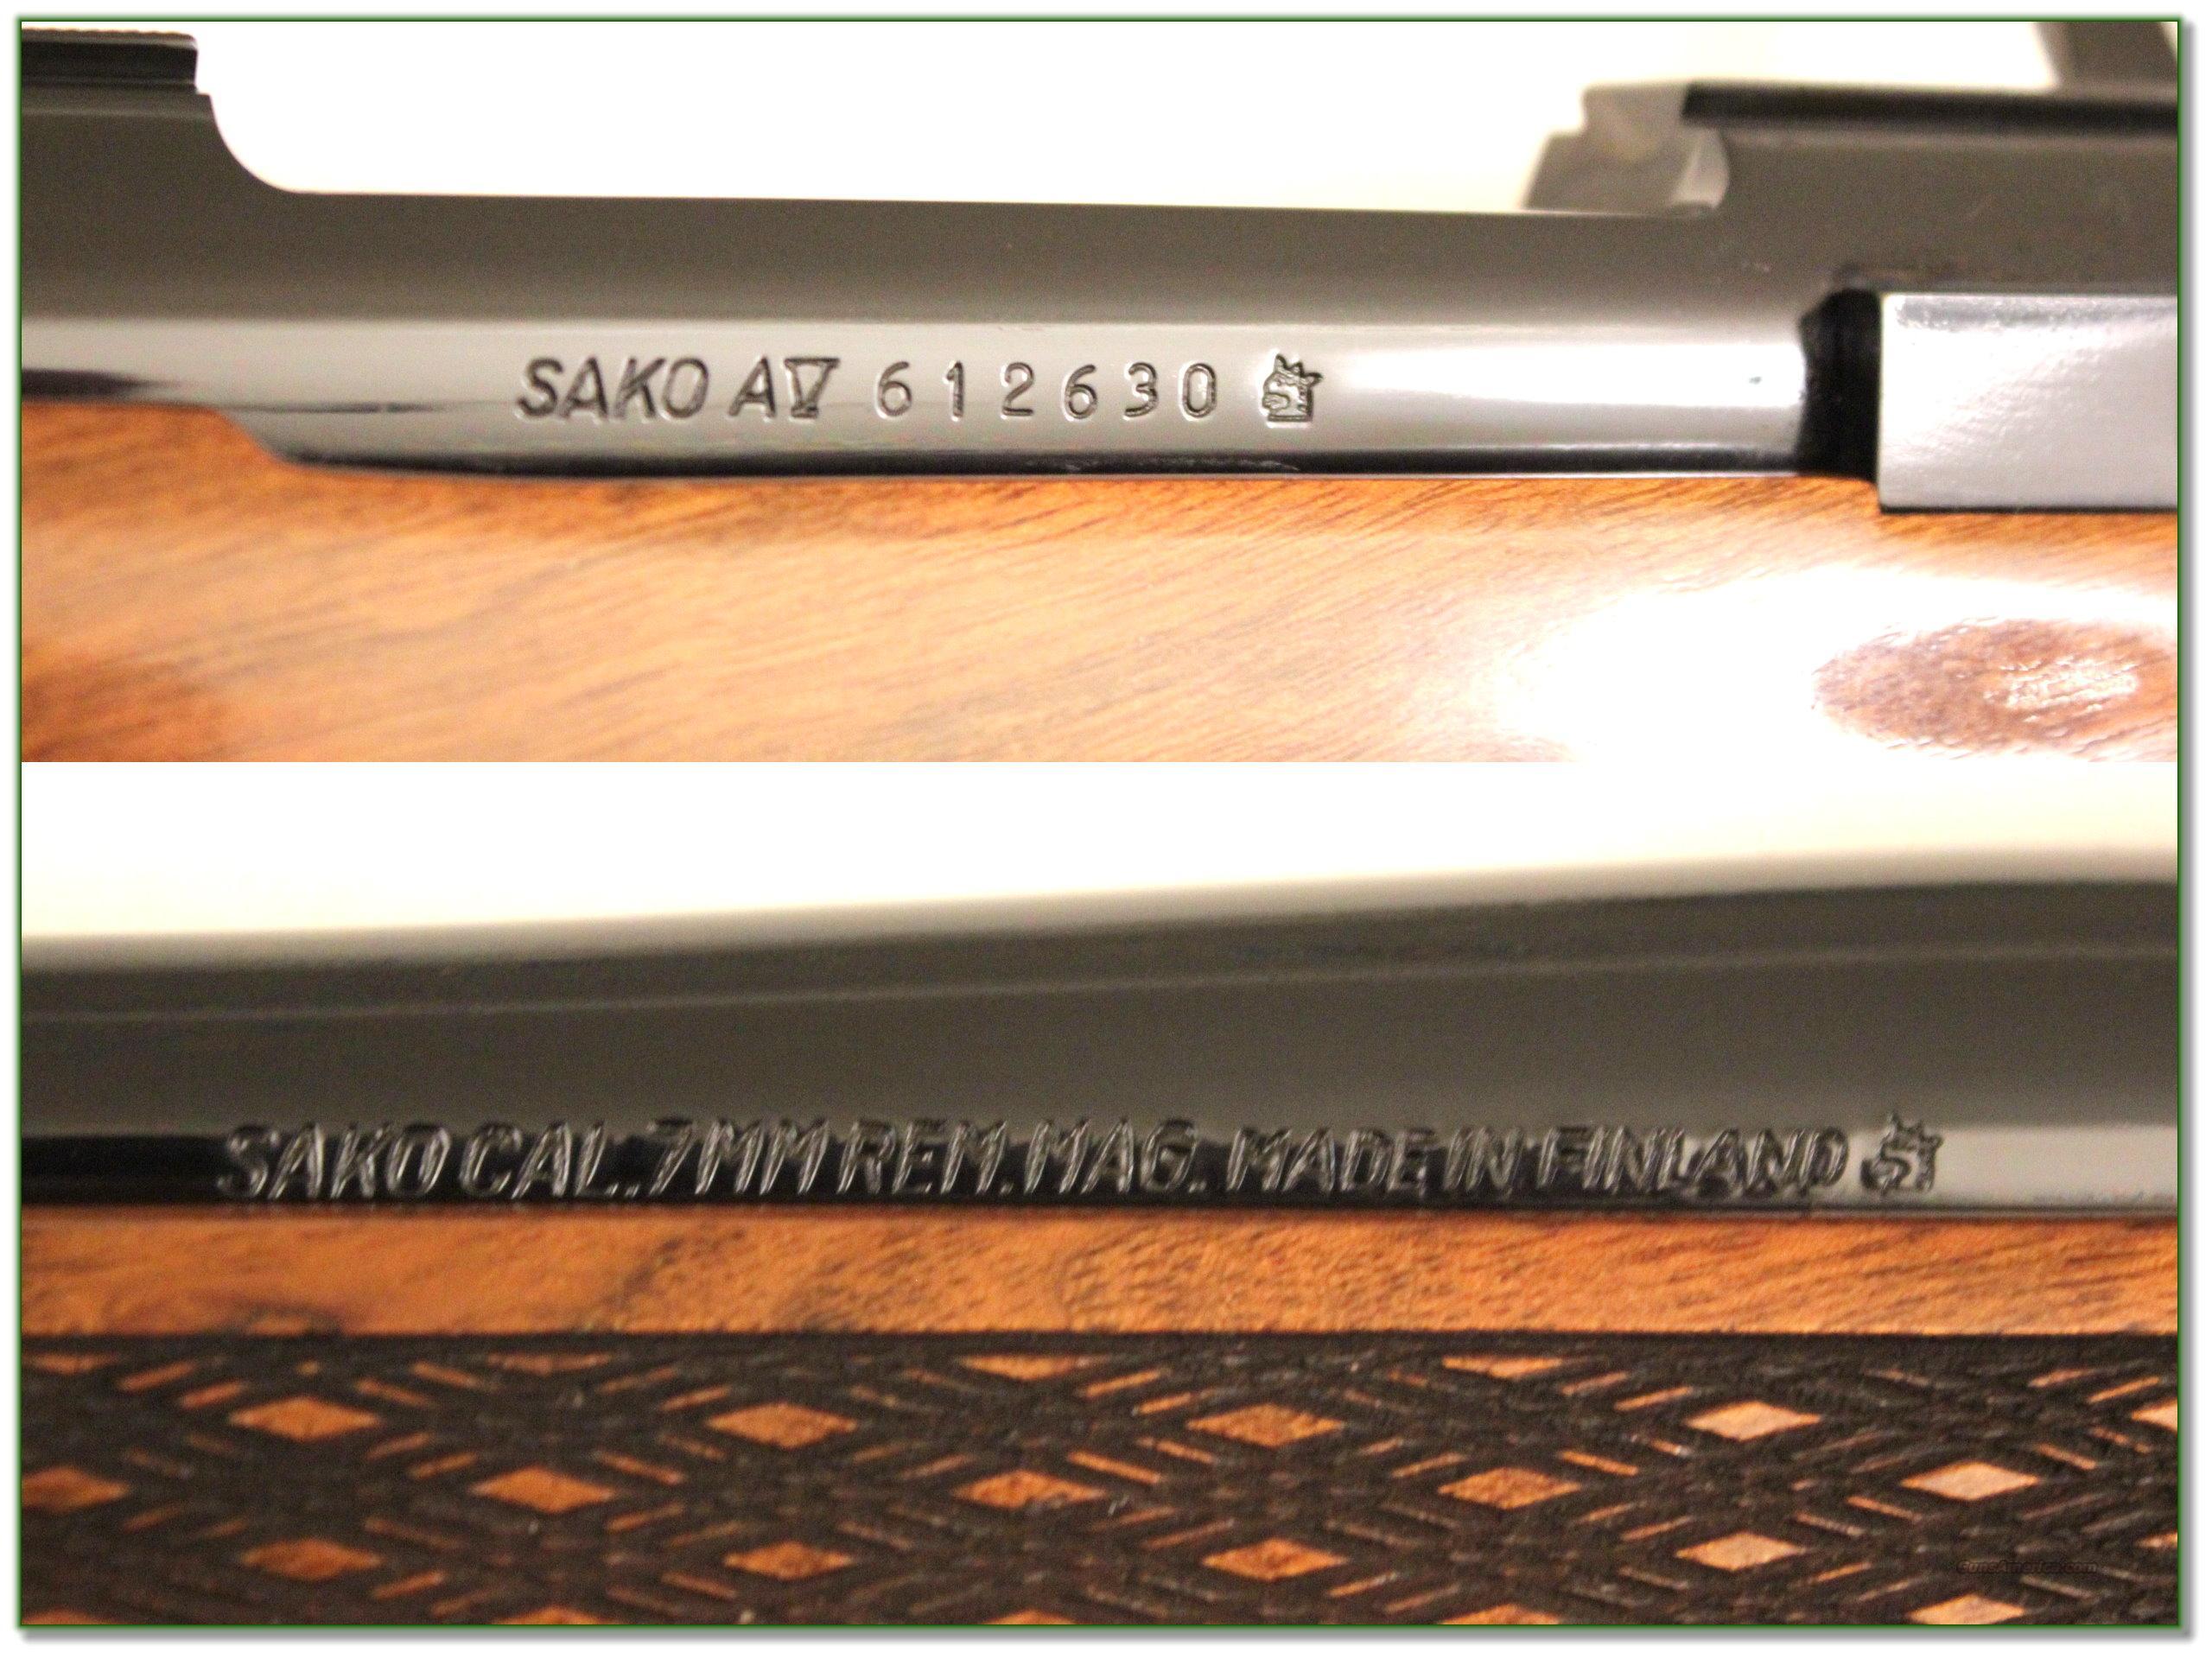 Sako Av Deluxe 7mm Remington Near New For Sale